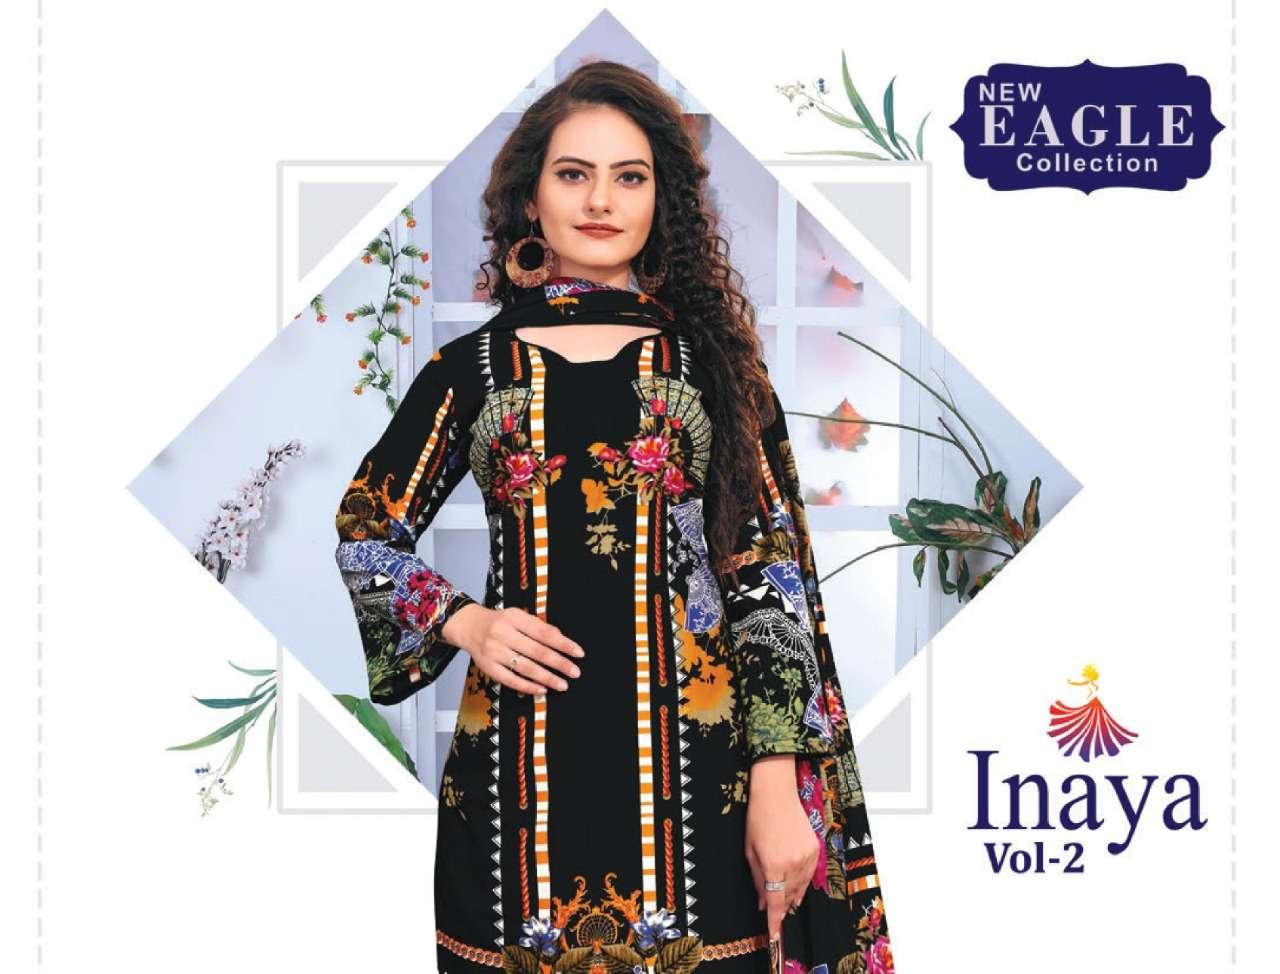 New Eagle Collection Inaya Vol 2 Printed Karachi Dress Material Catalog Wholesaler